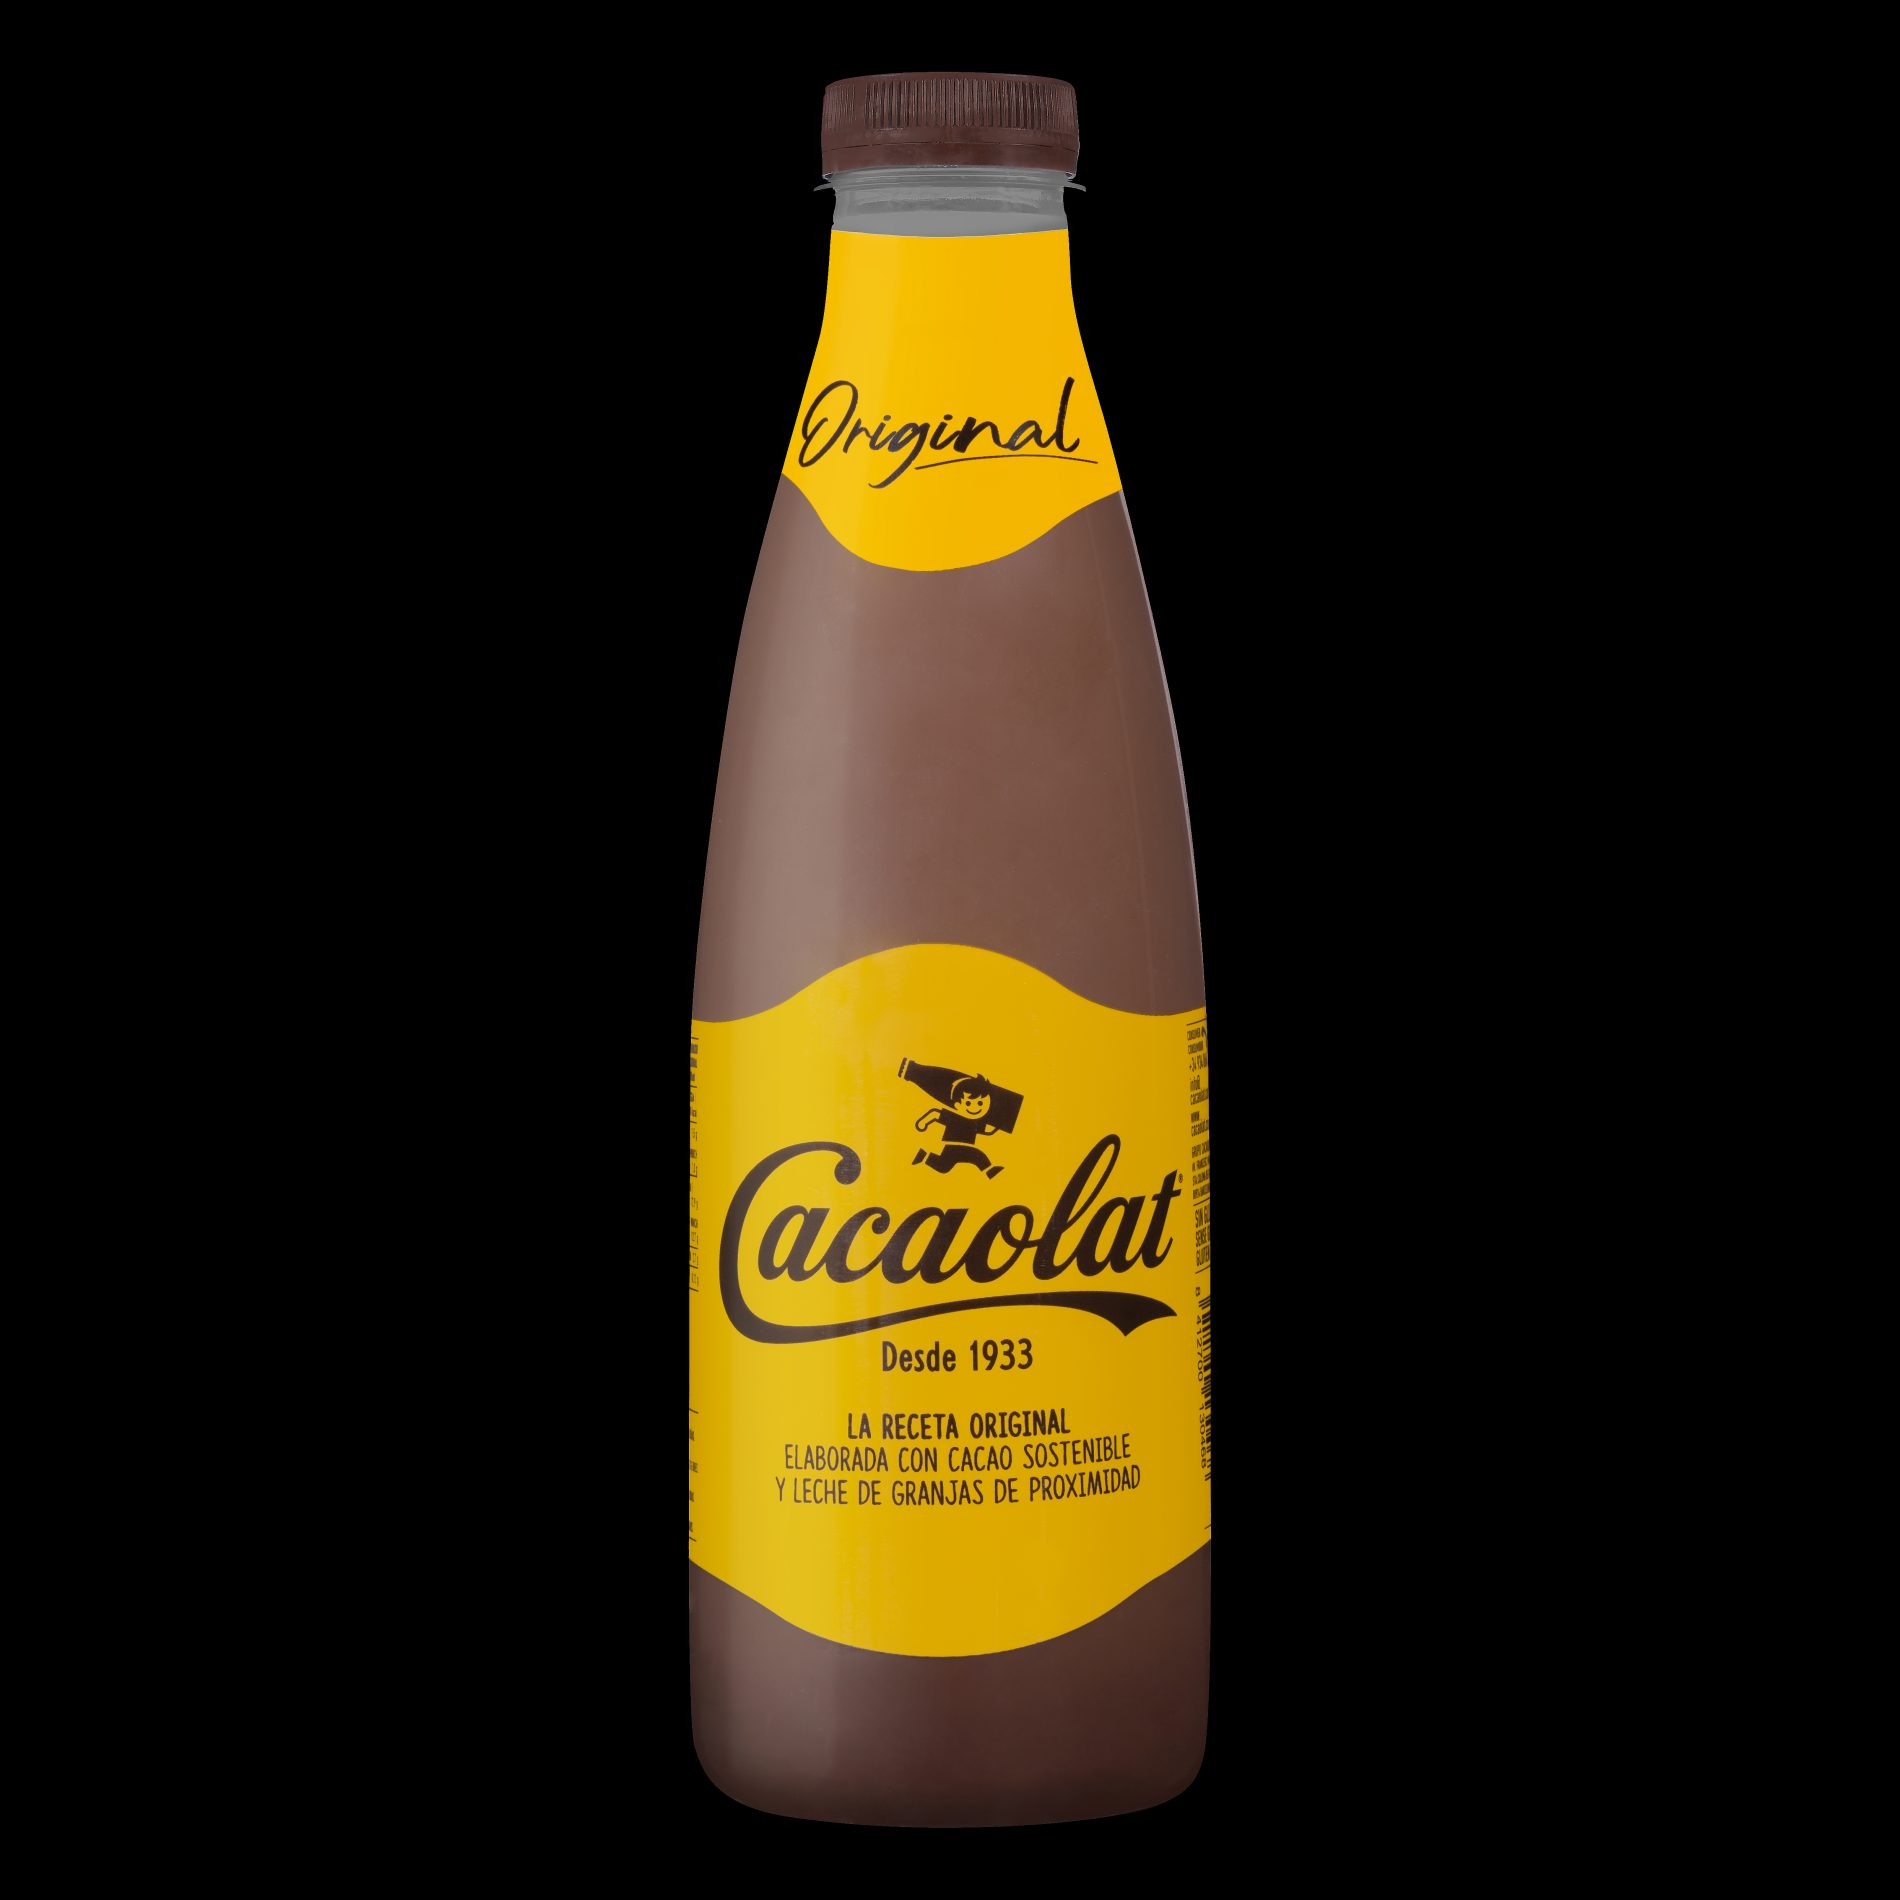 Fotografía de Producto. Batido Cacaolat para ecommerce Mercadona